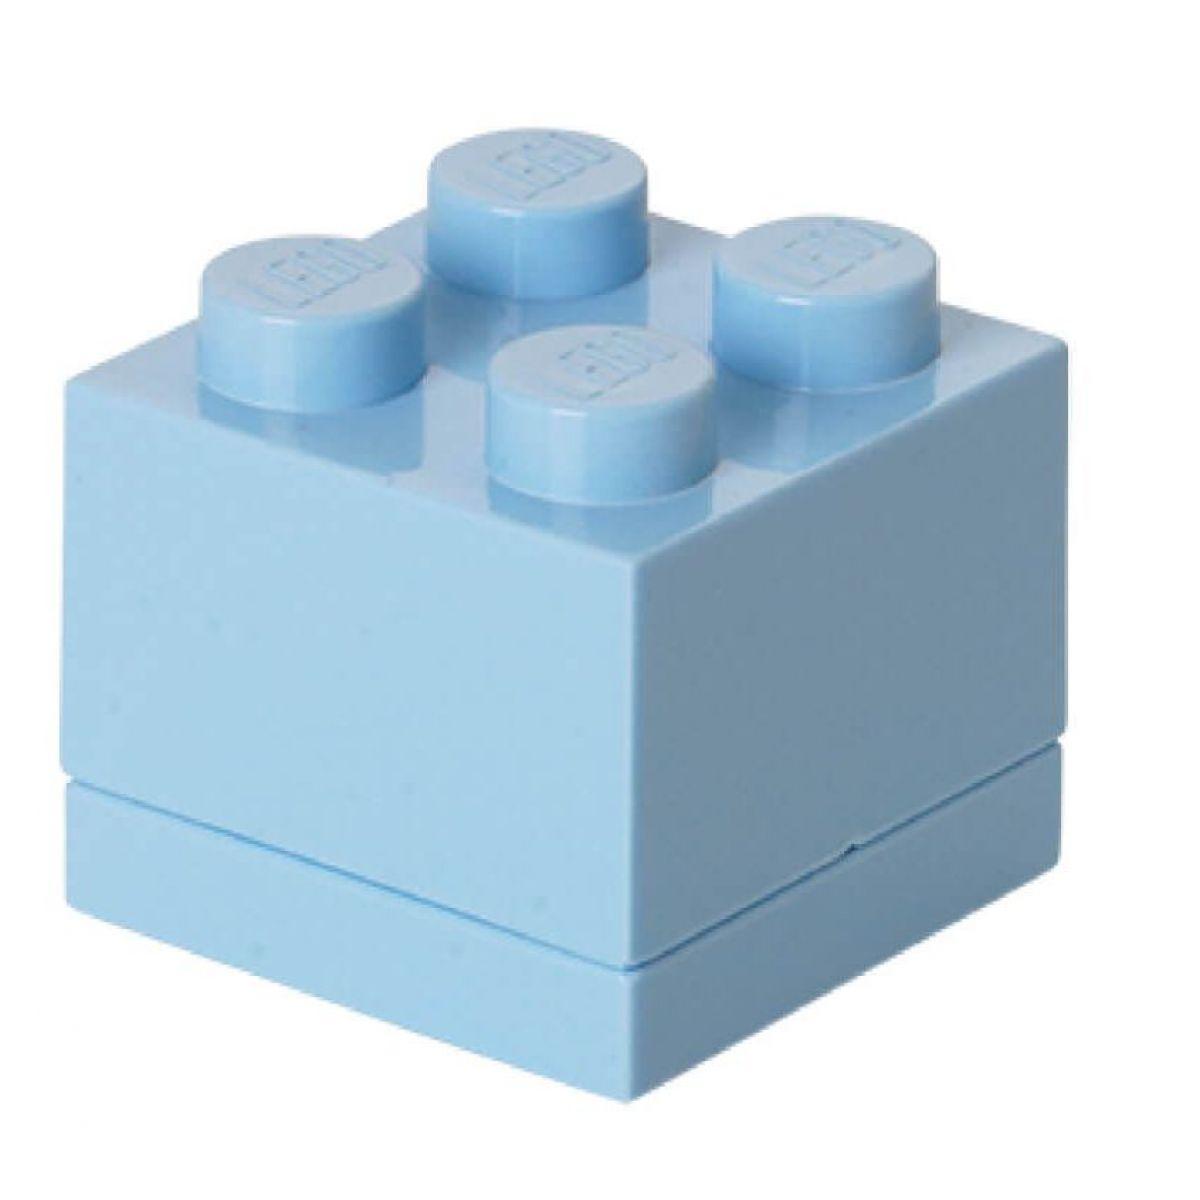 LEGO Mini Box 46 x 46 x 43 světle modrá